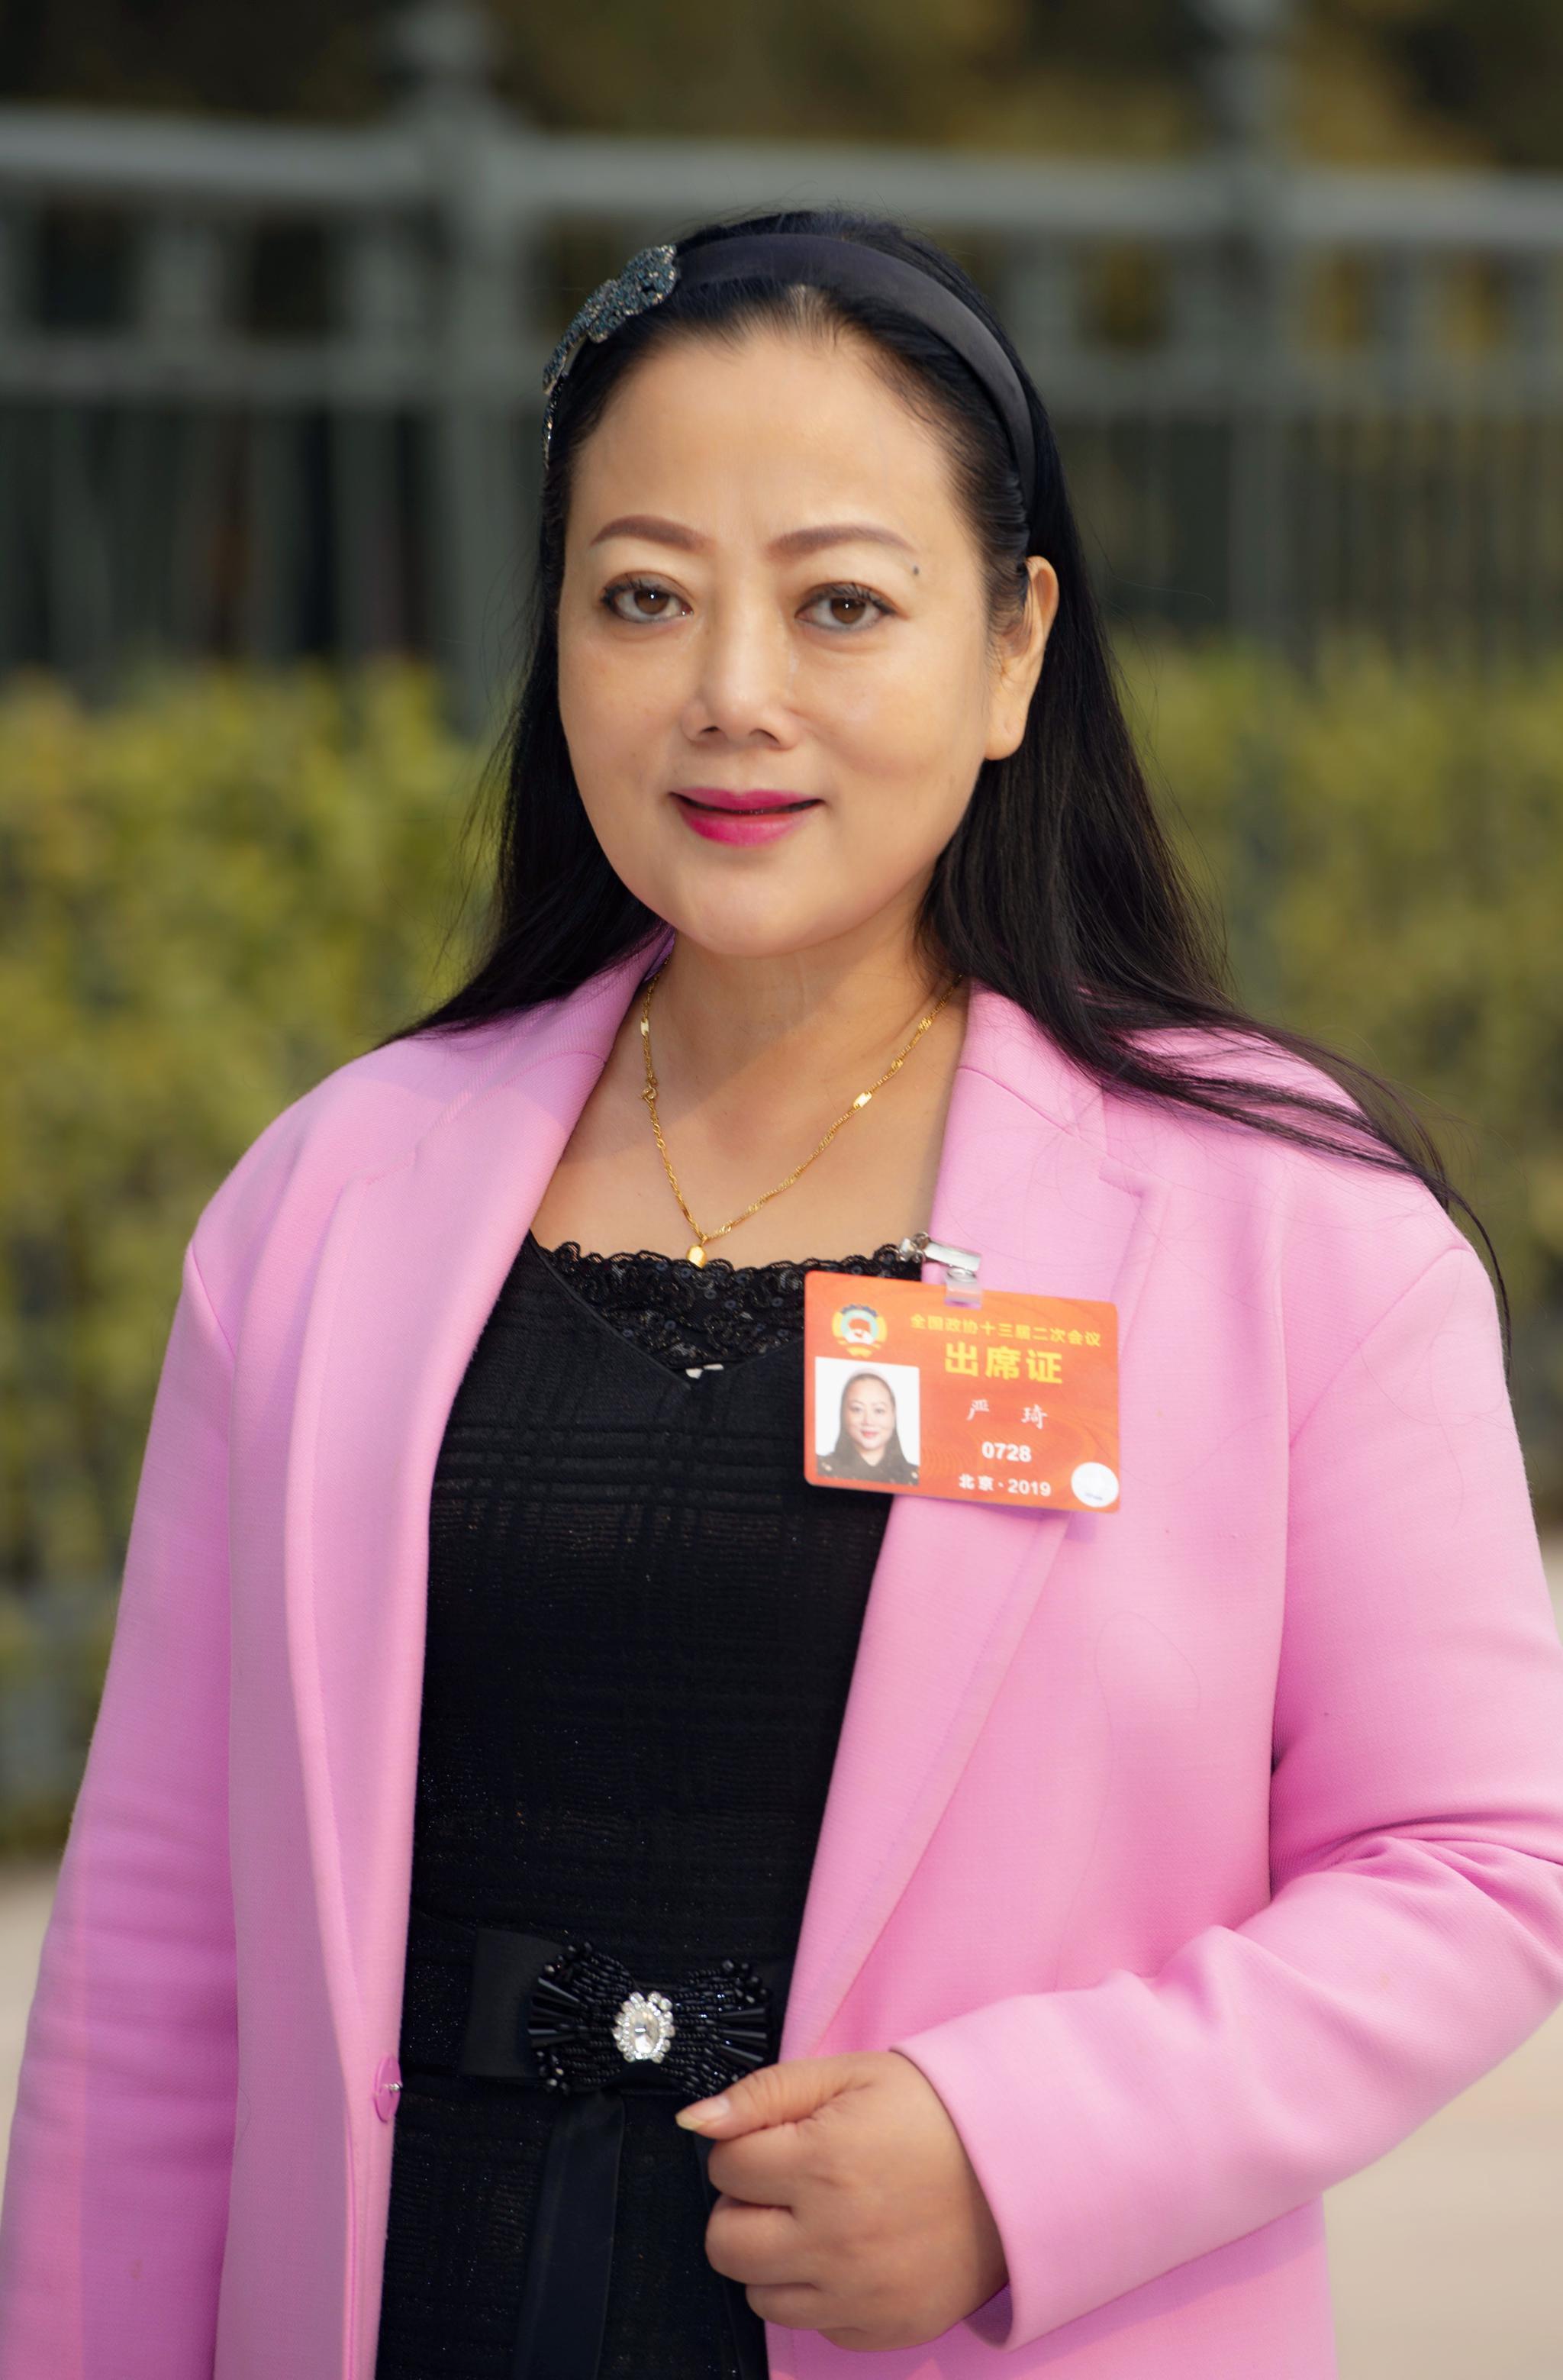 严琦委员:在食品安全法中增加不合格食品